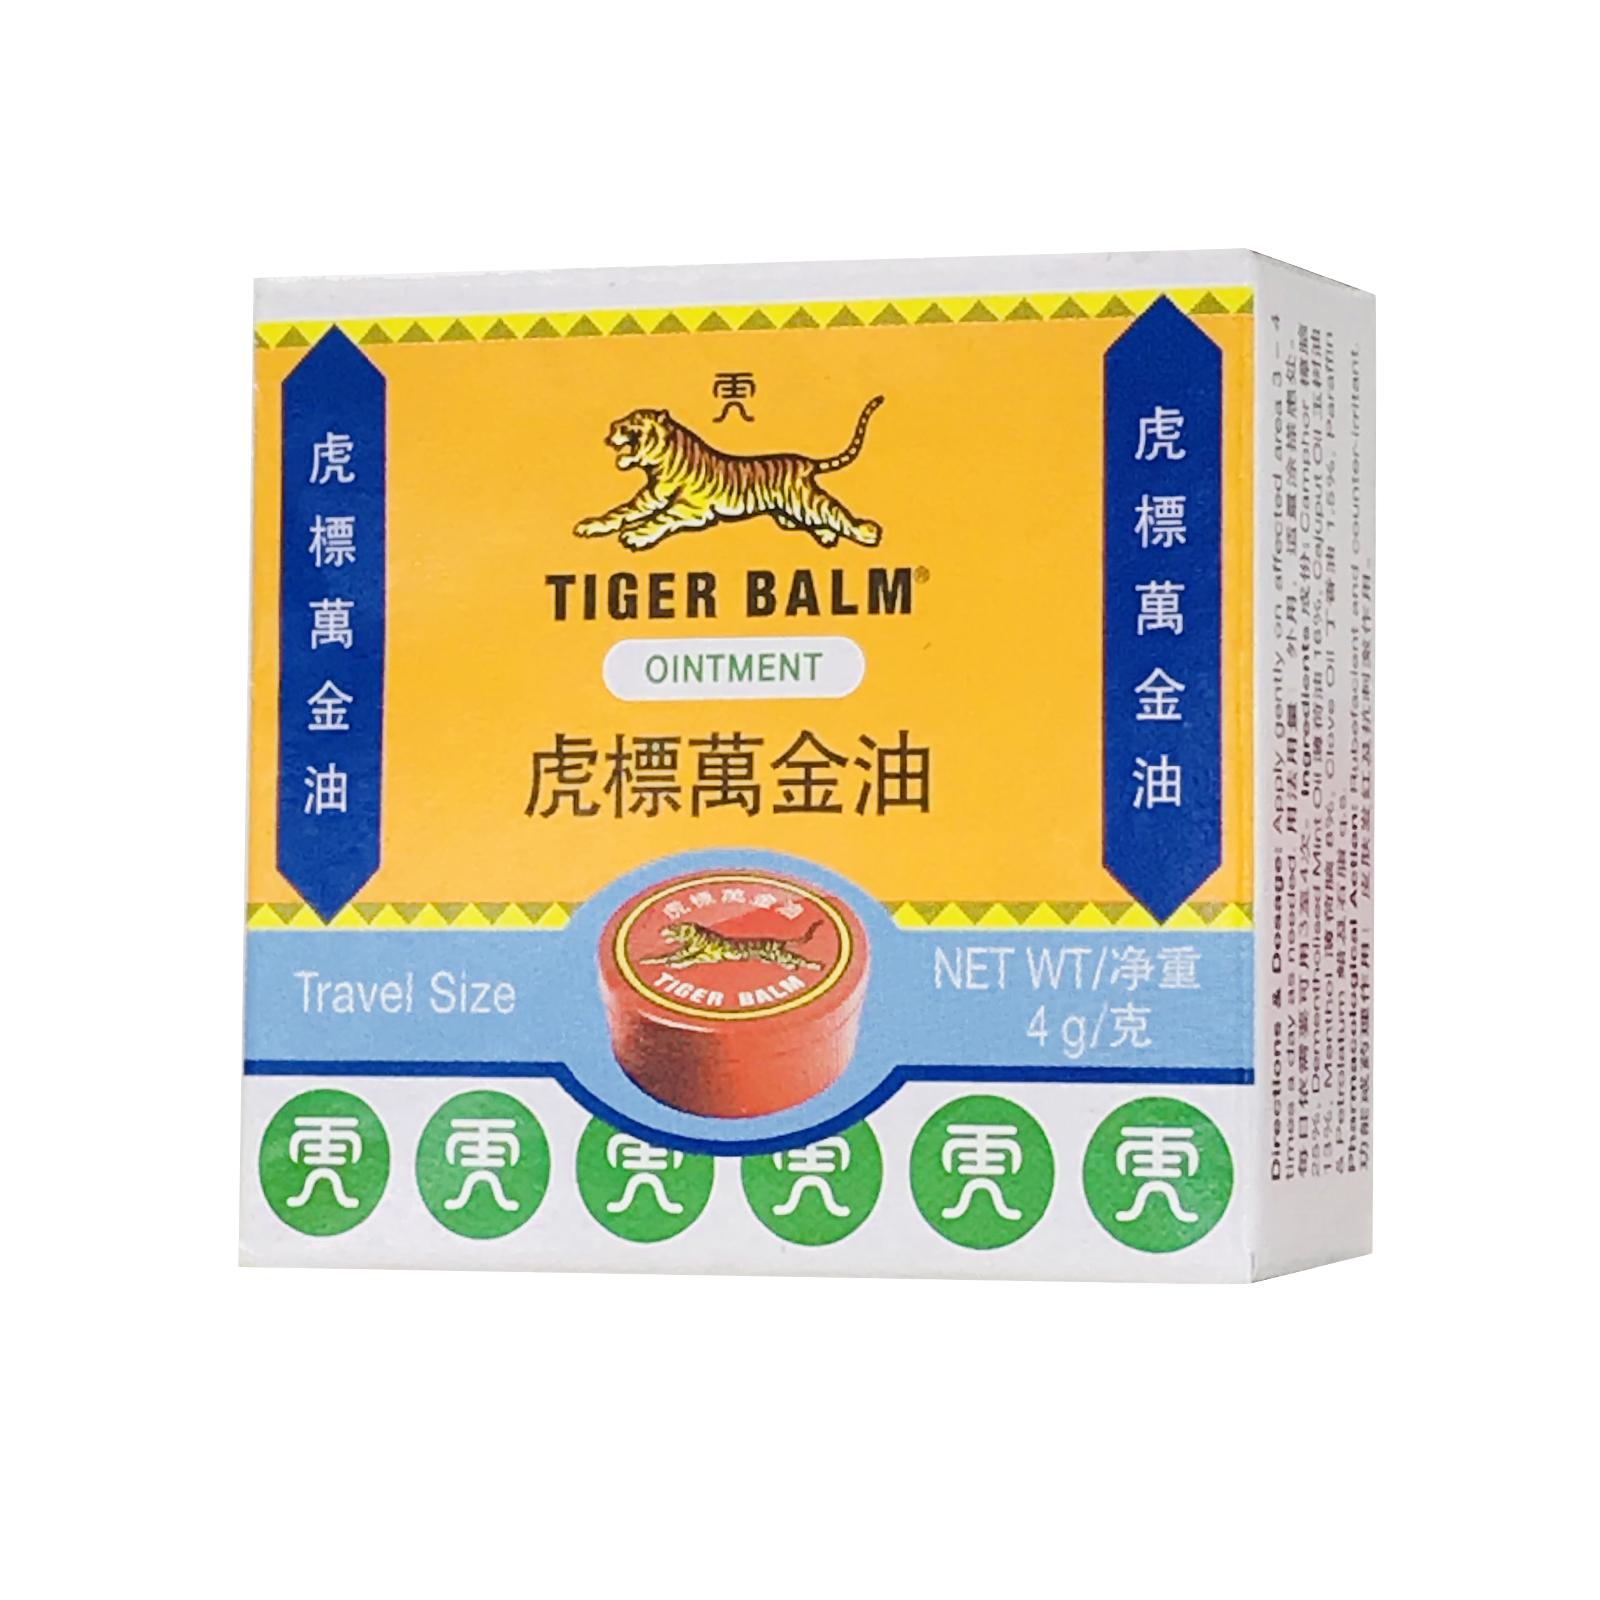 Tigerbalm 虎标 万金油 4克 (白)